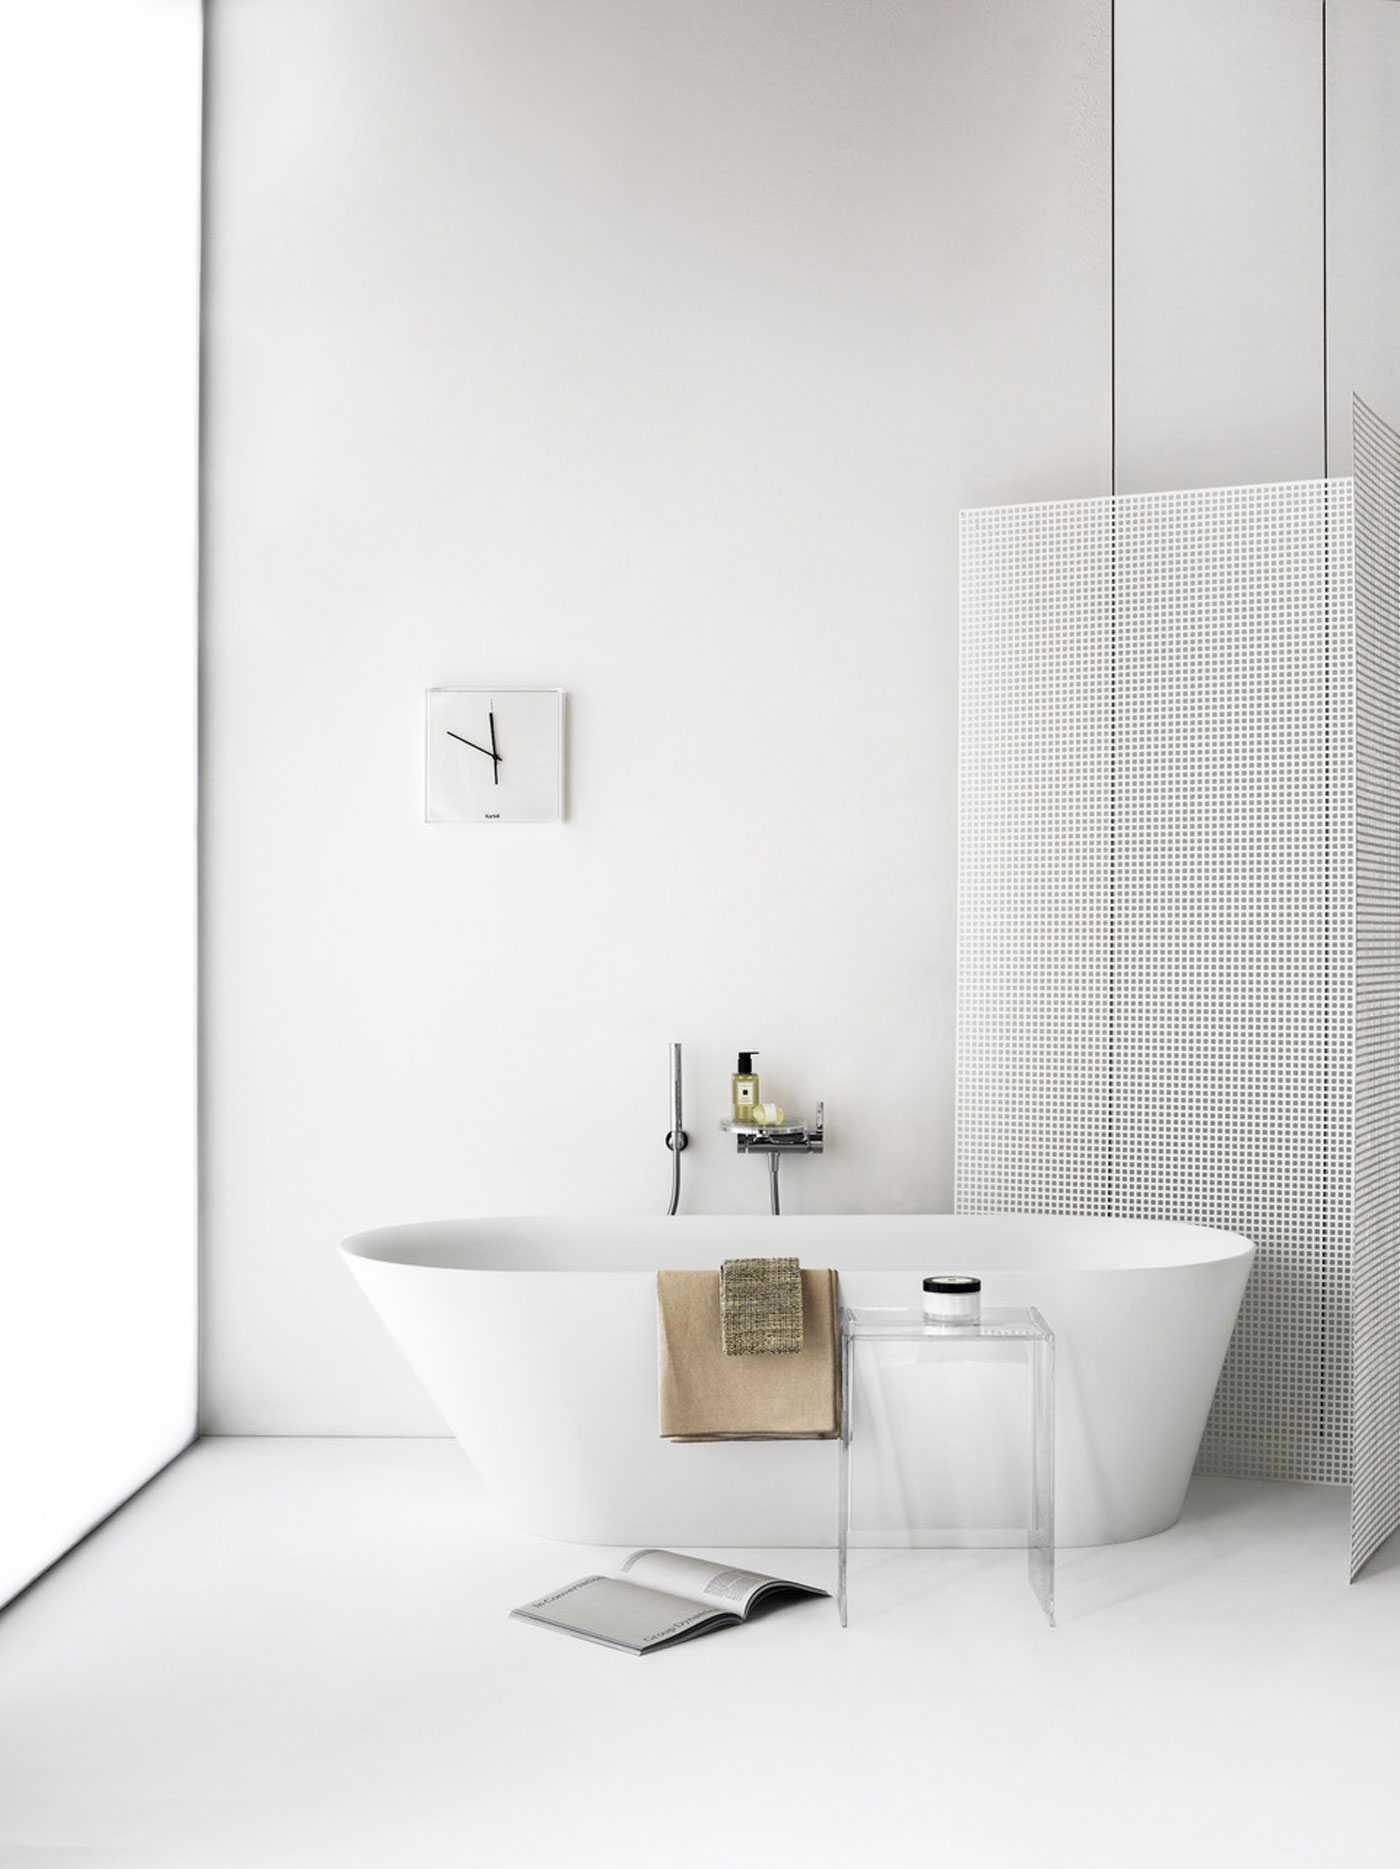 kartell salle de bain Laufen développe au sein de cette collaboration une baignoire, un modèle  ilot, en Sentec, nouveau matériau minéral de la marque destiné à la salle  de bain ...